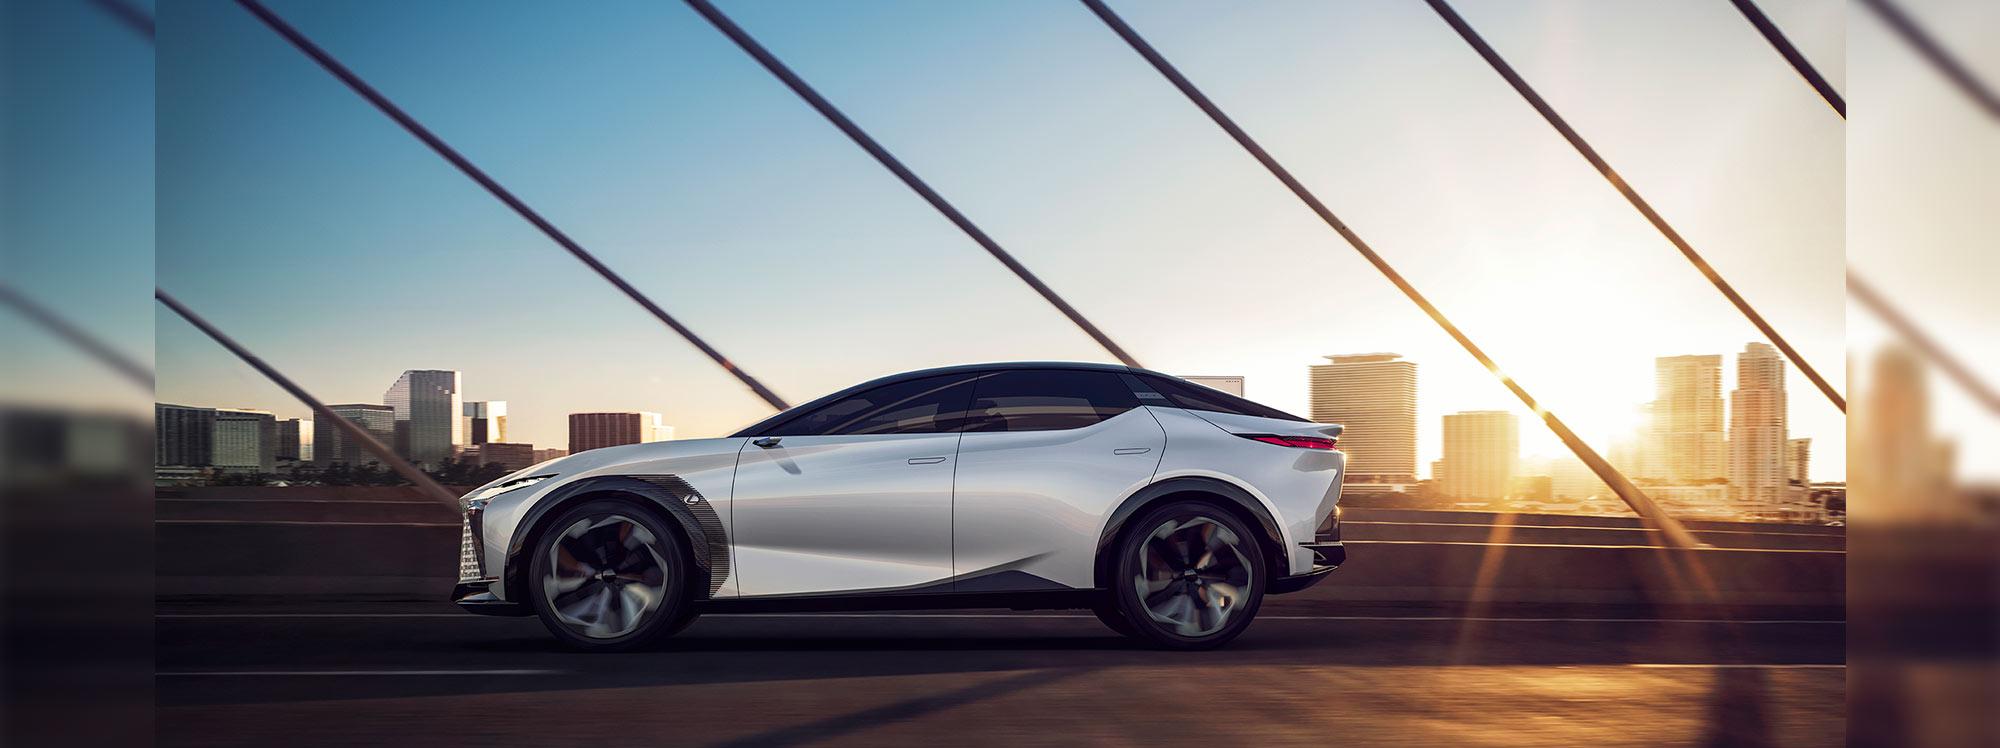 Lexus acelera el futuro de la electrificación con el LF-Z